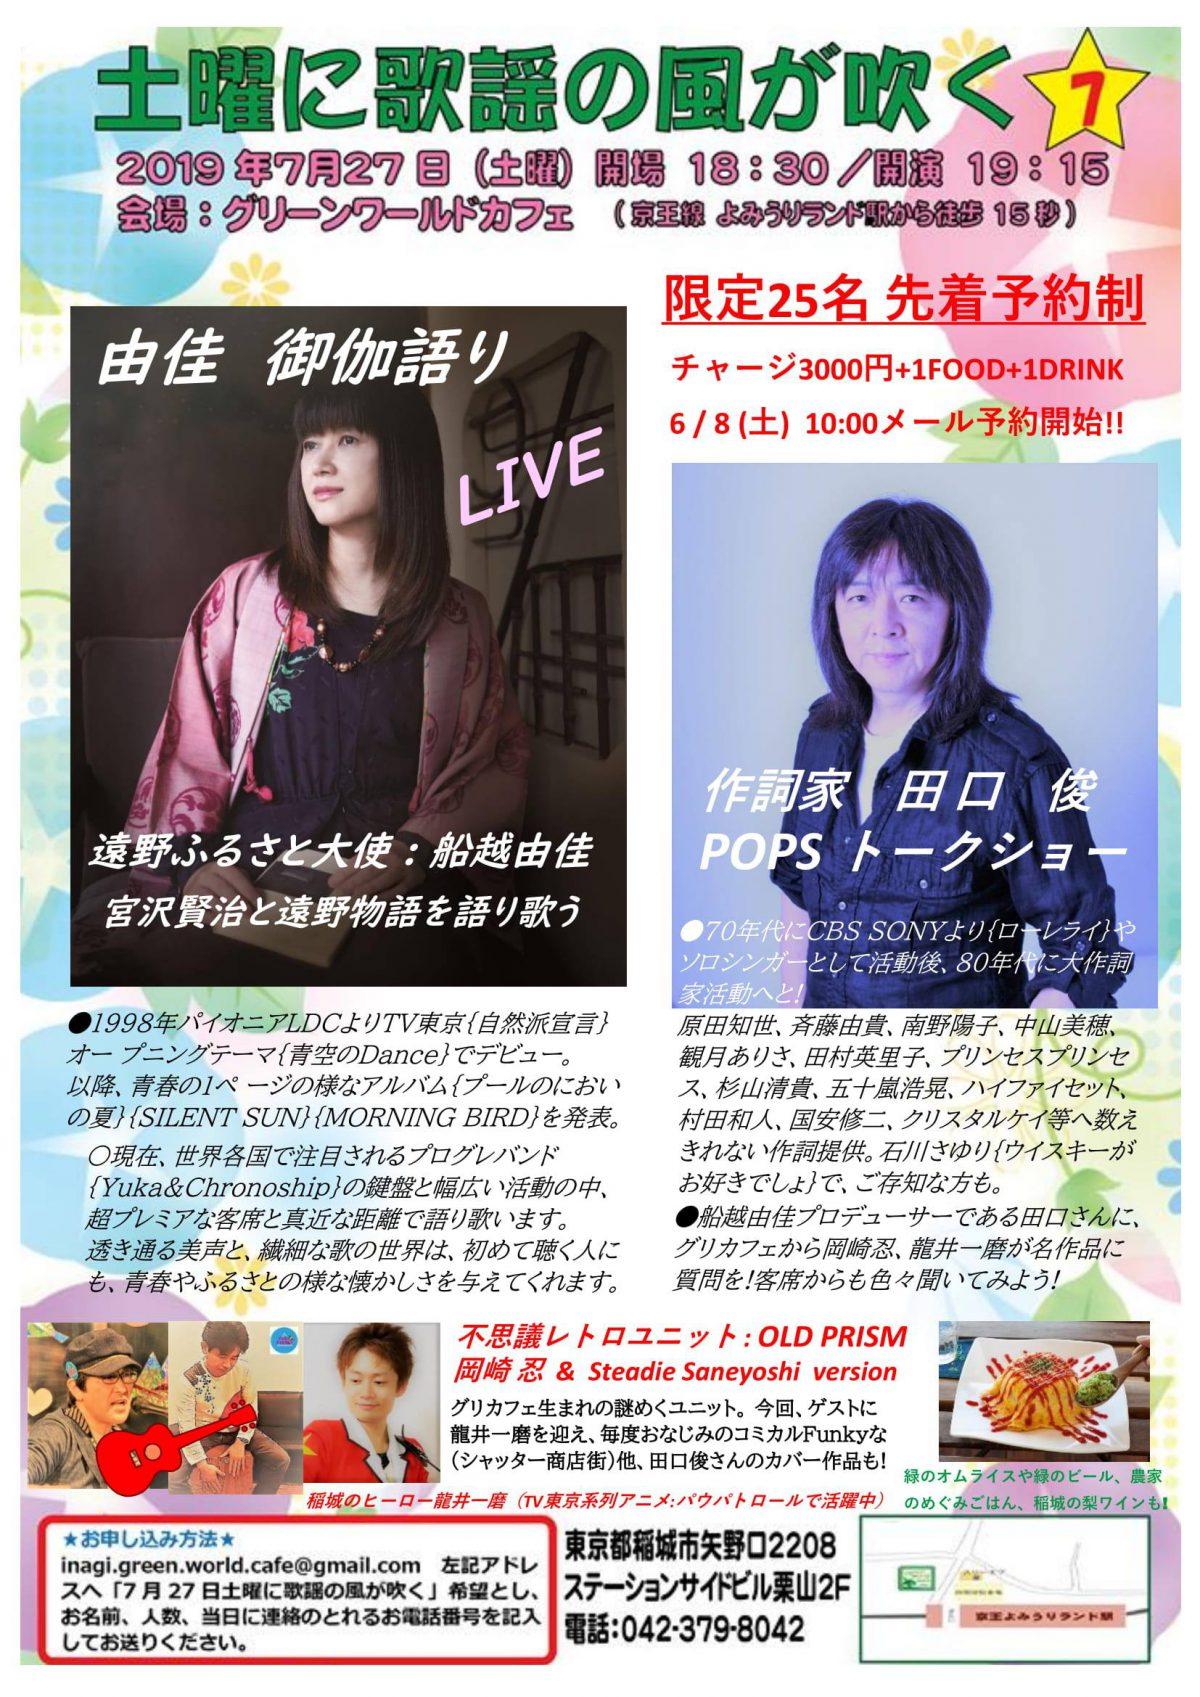 7/27(土)@稲城Green World Cafeのお知らせ